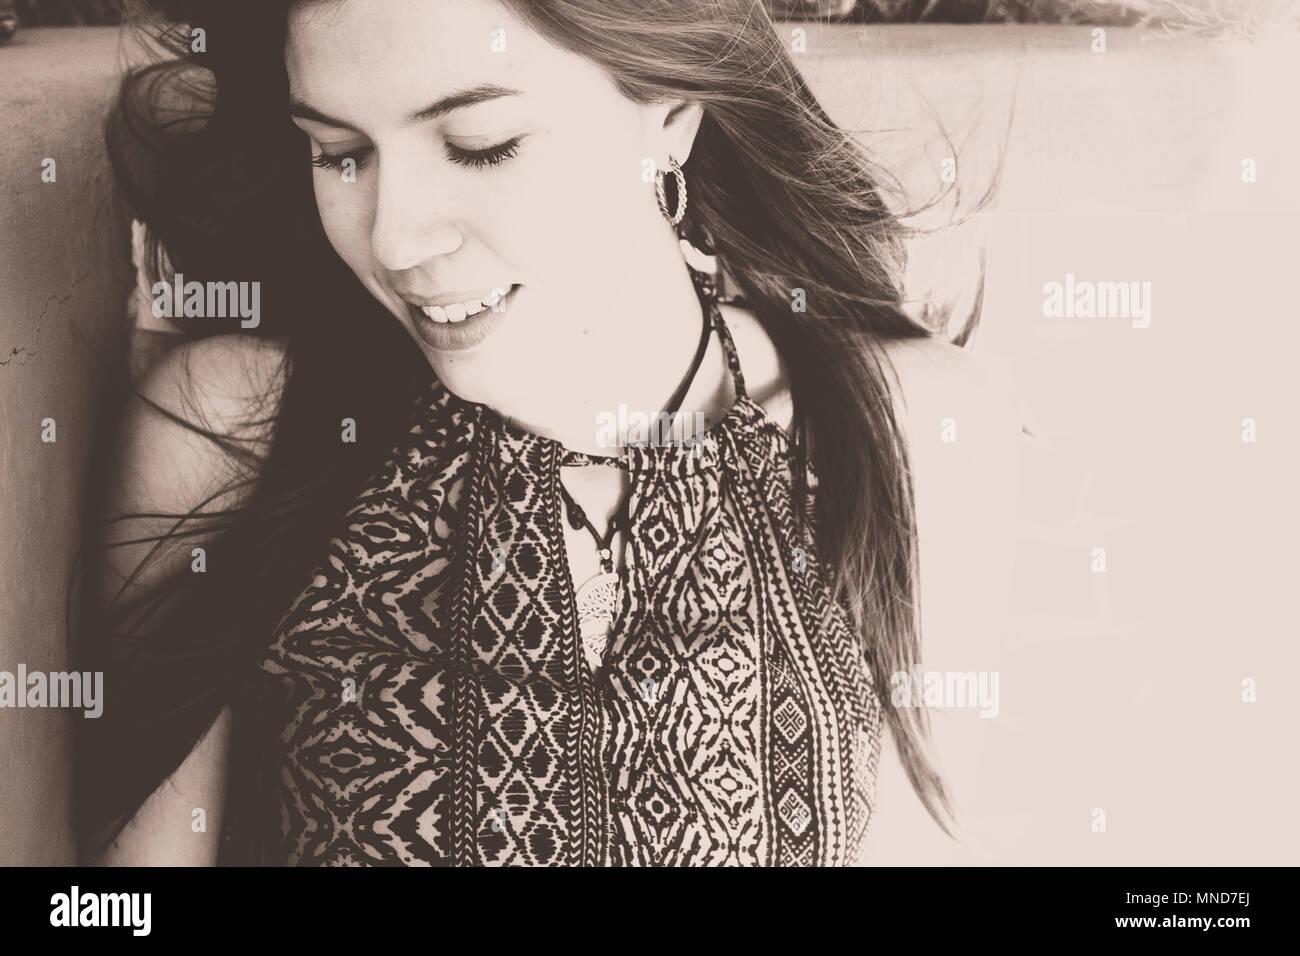 Giovane bella donna in un close up ritratto, i capelli lunghi e il bel volto. Filtro vintage Immagini Stock